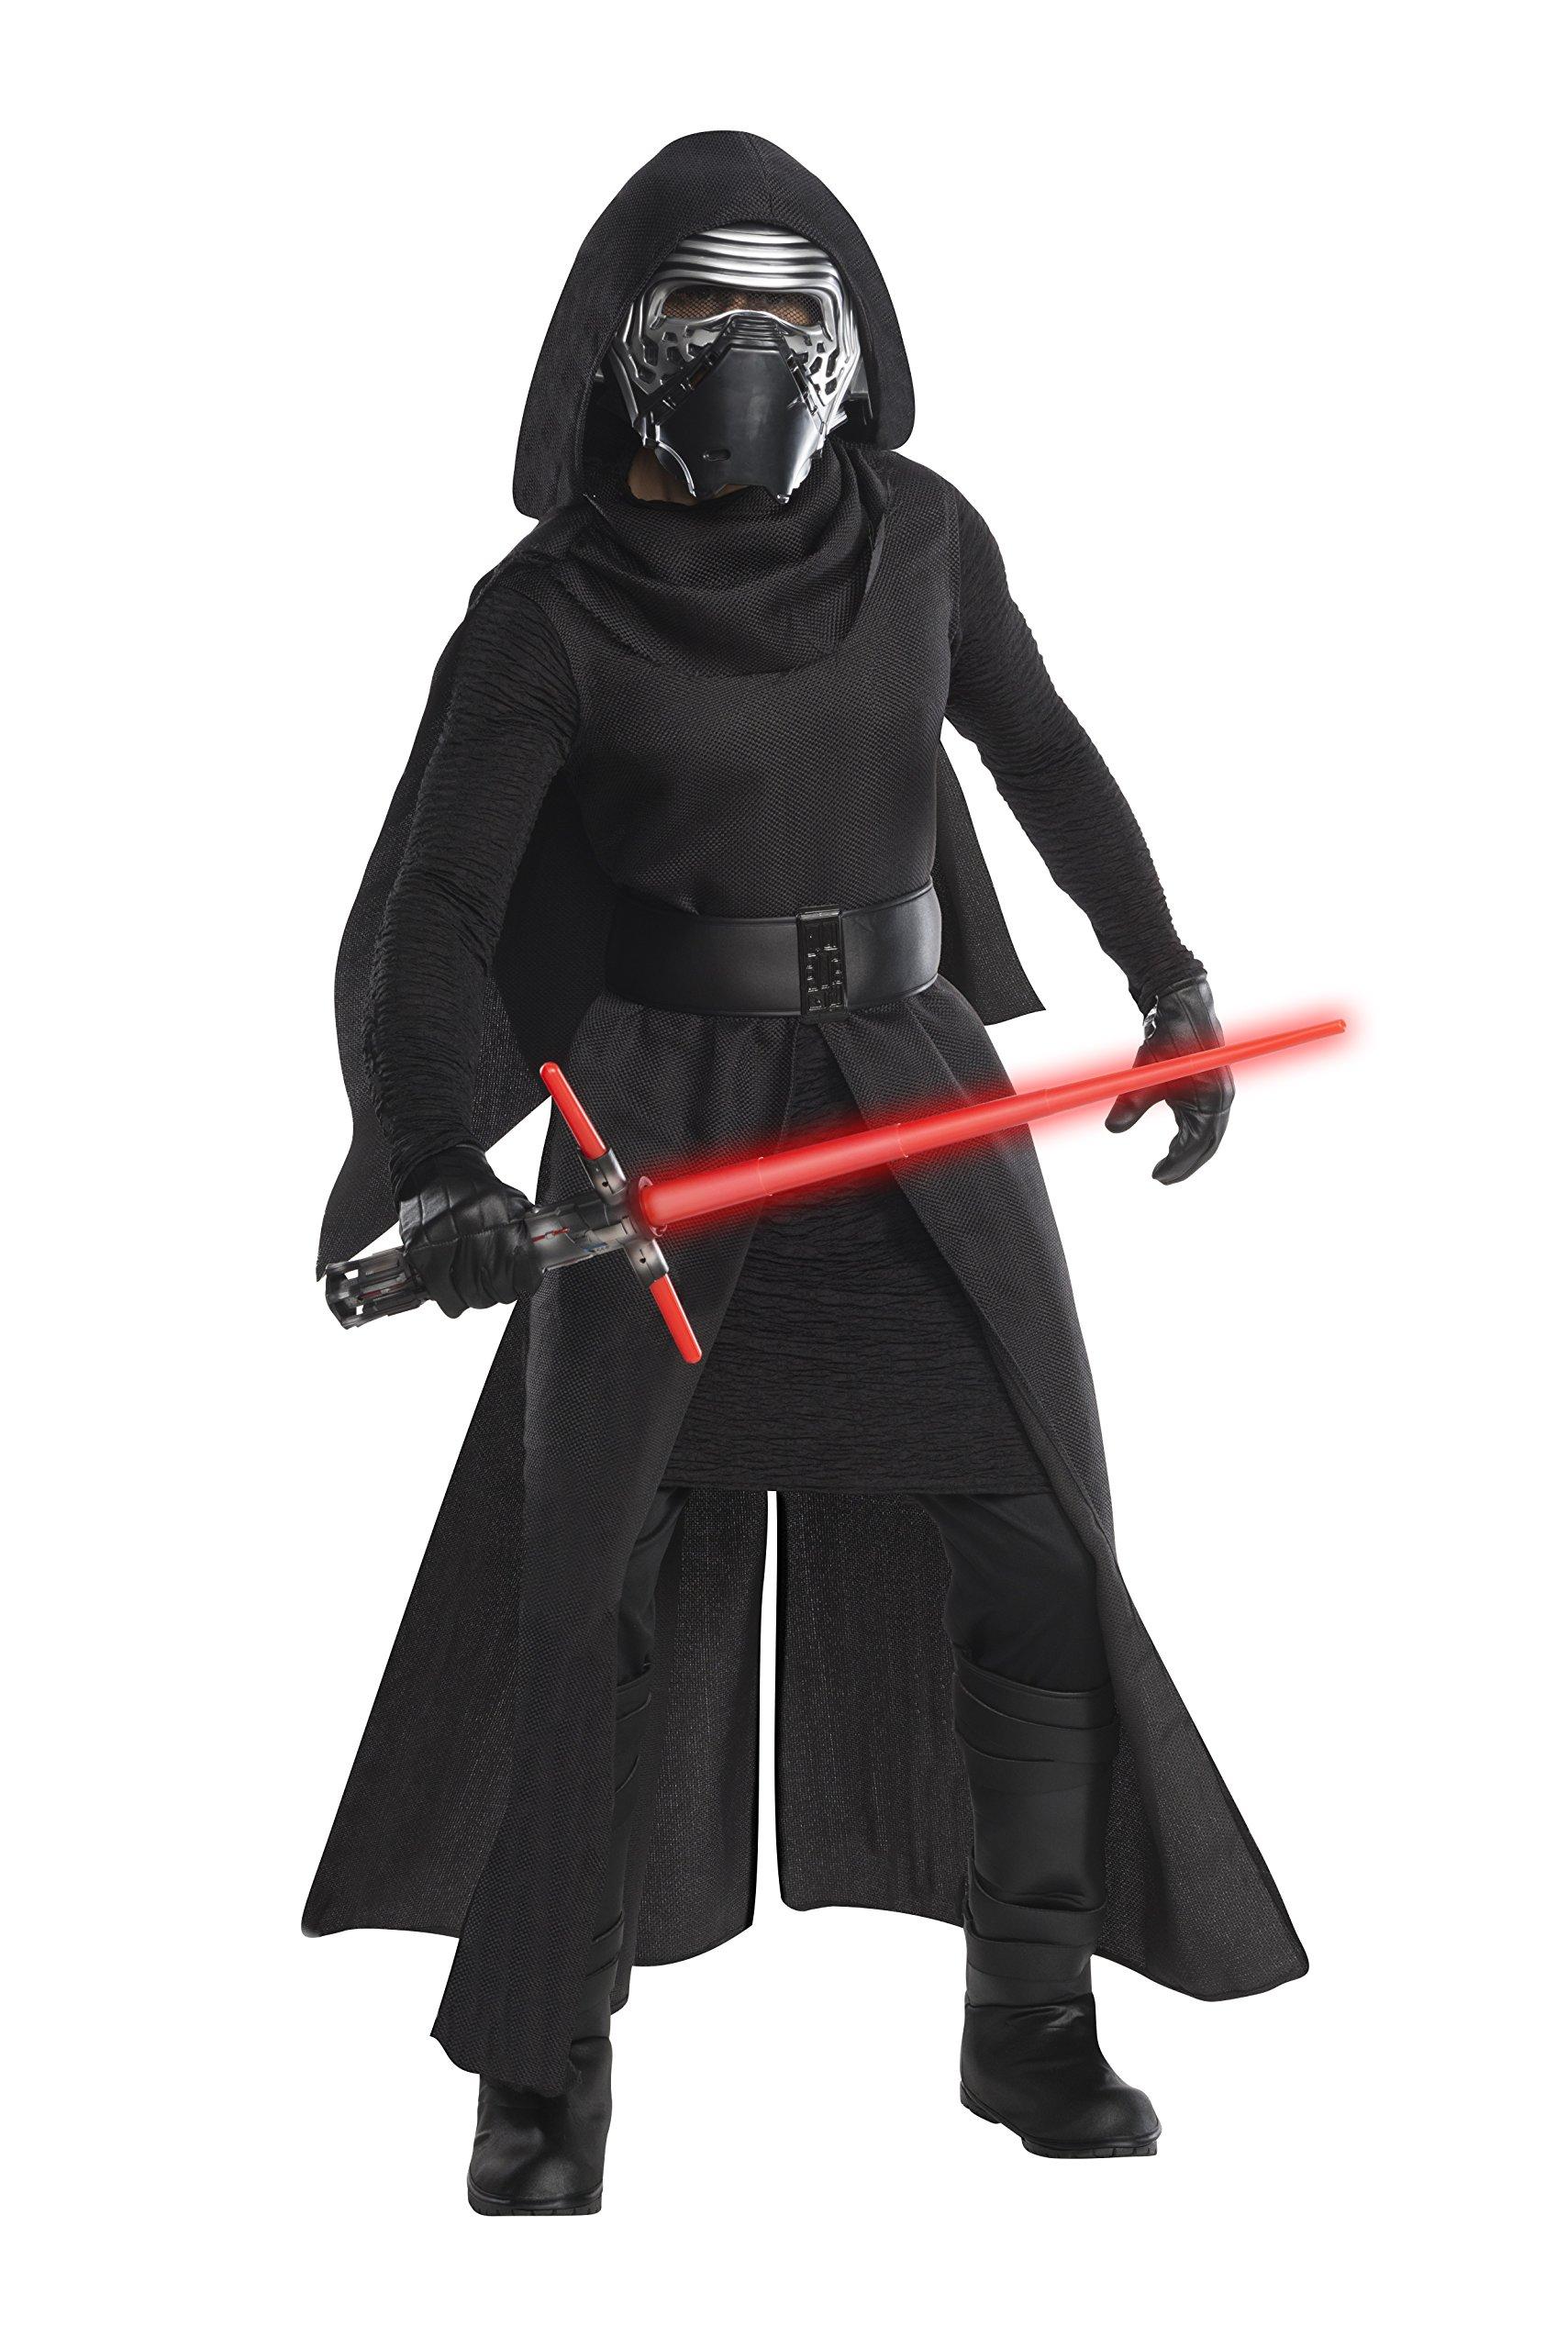 Rubie's Offizielles Star Wars Kylo Ren Kostüm für Herren – Grand Heritage Deluxe – Standard